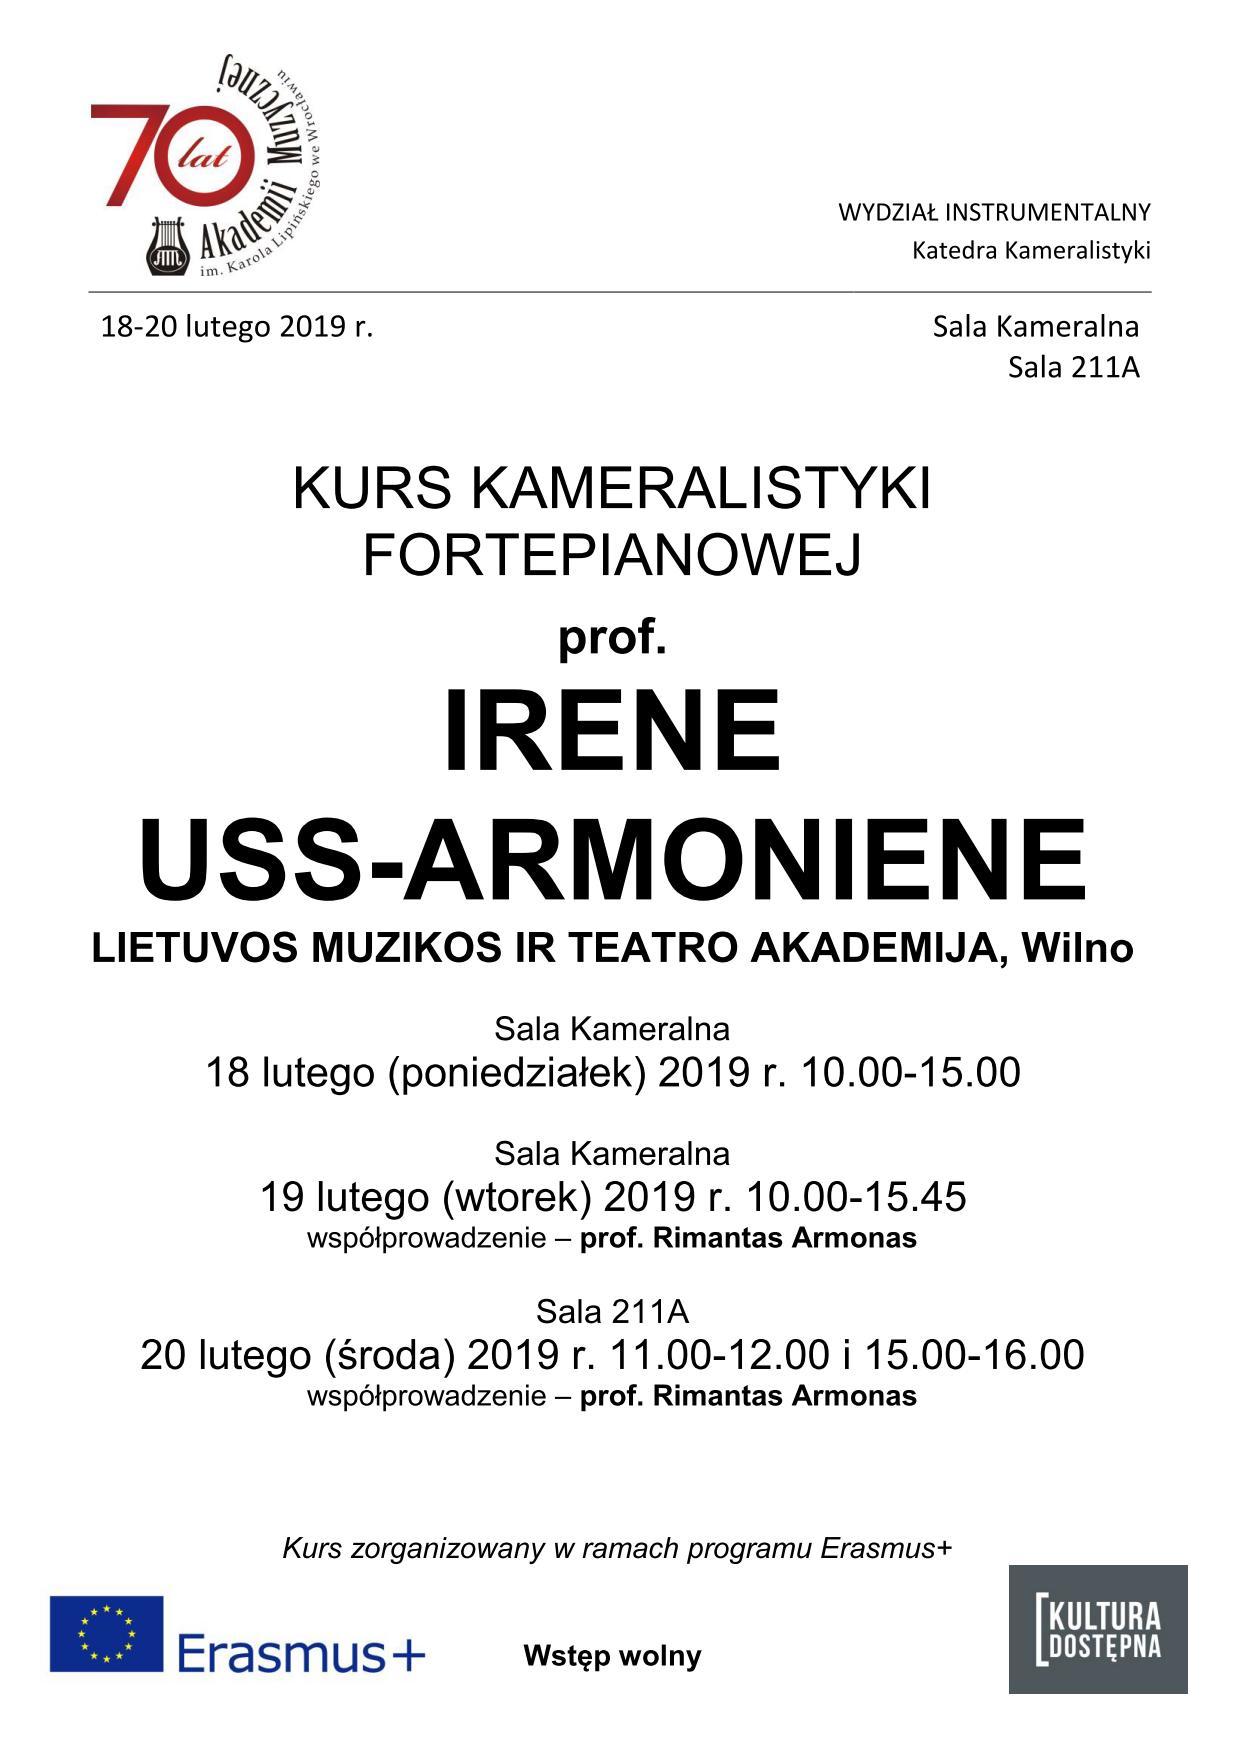 Kurs kameralistyki fortepianowej - prof. Irene Uss-Armoniene